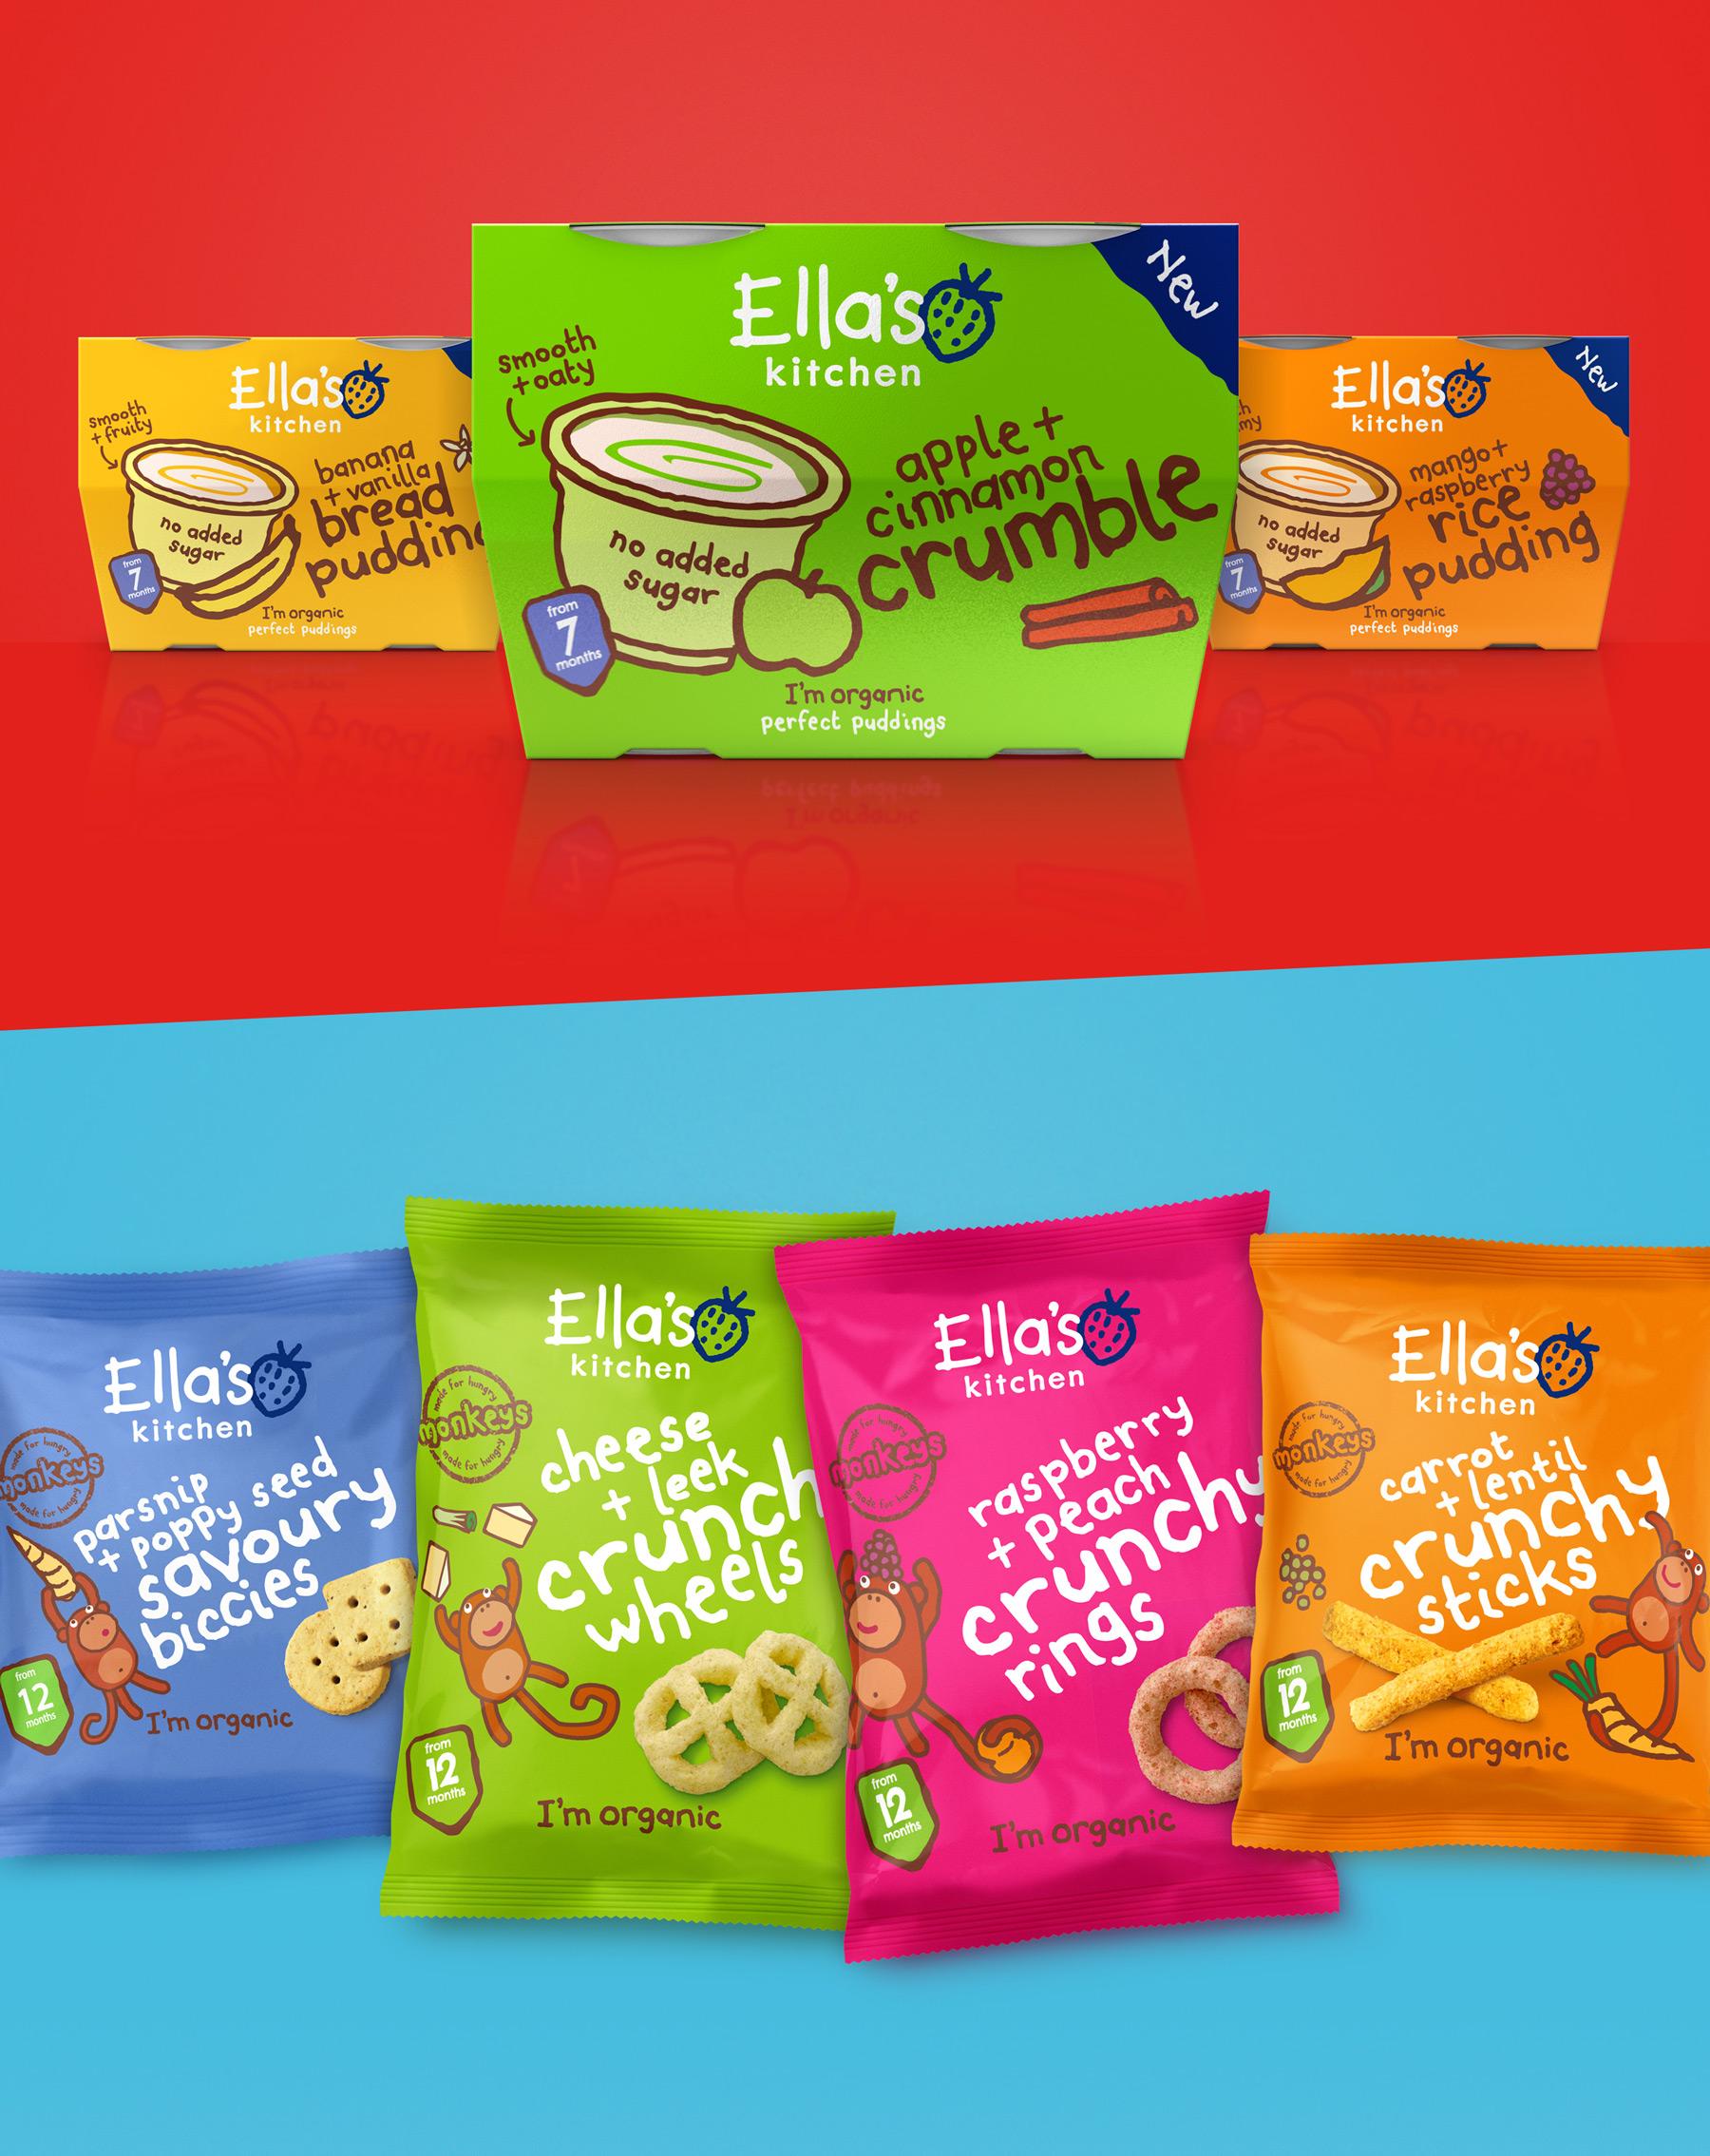 Ella's Kitchen snack packaging design